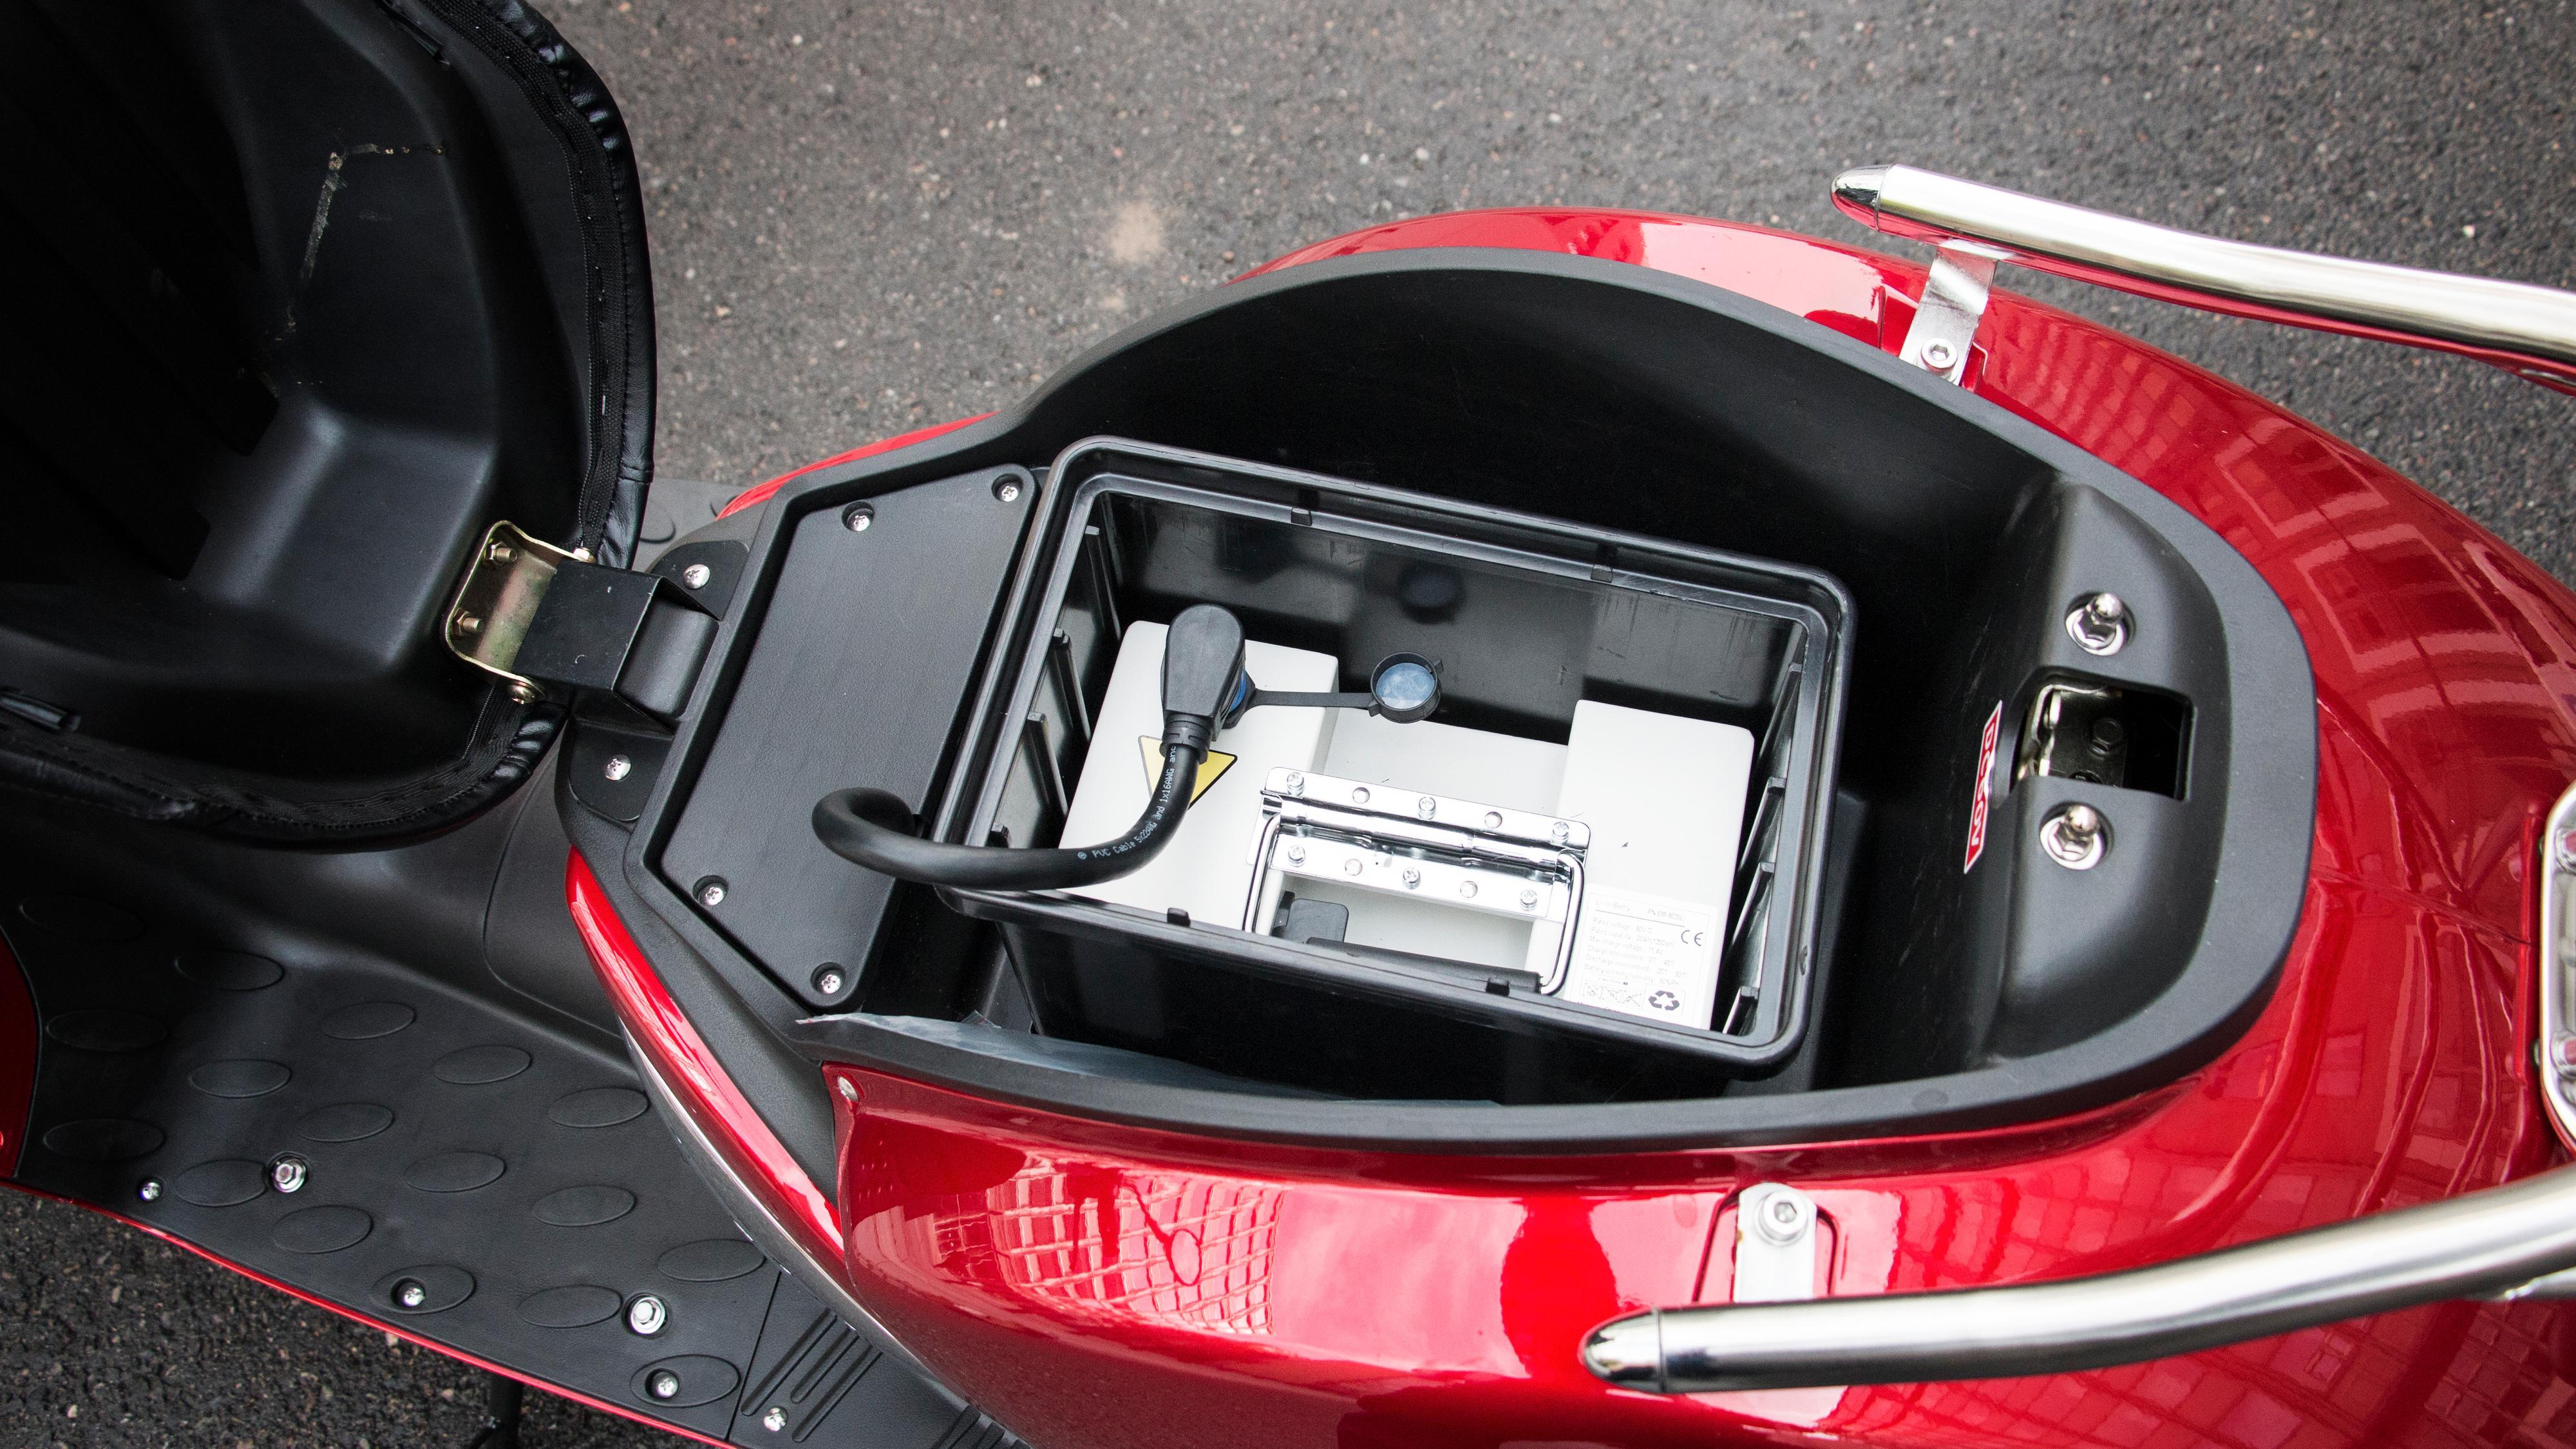 Batteriet sitter plassert under setet. Det gjør at det er plass til minimalt med annet.